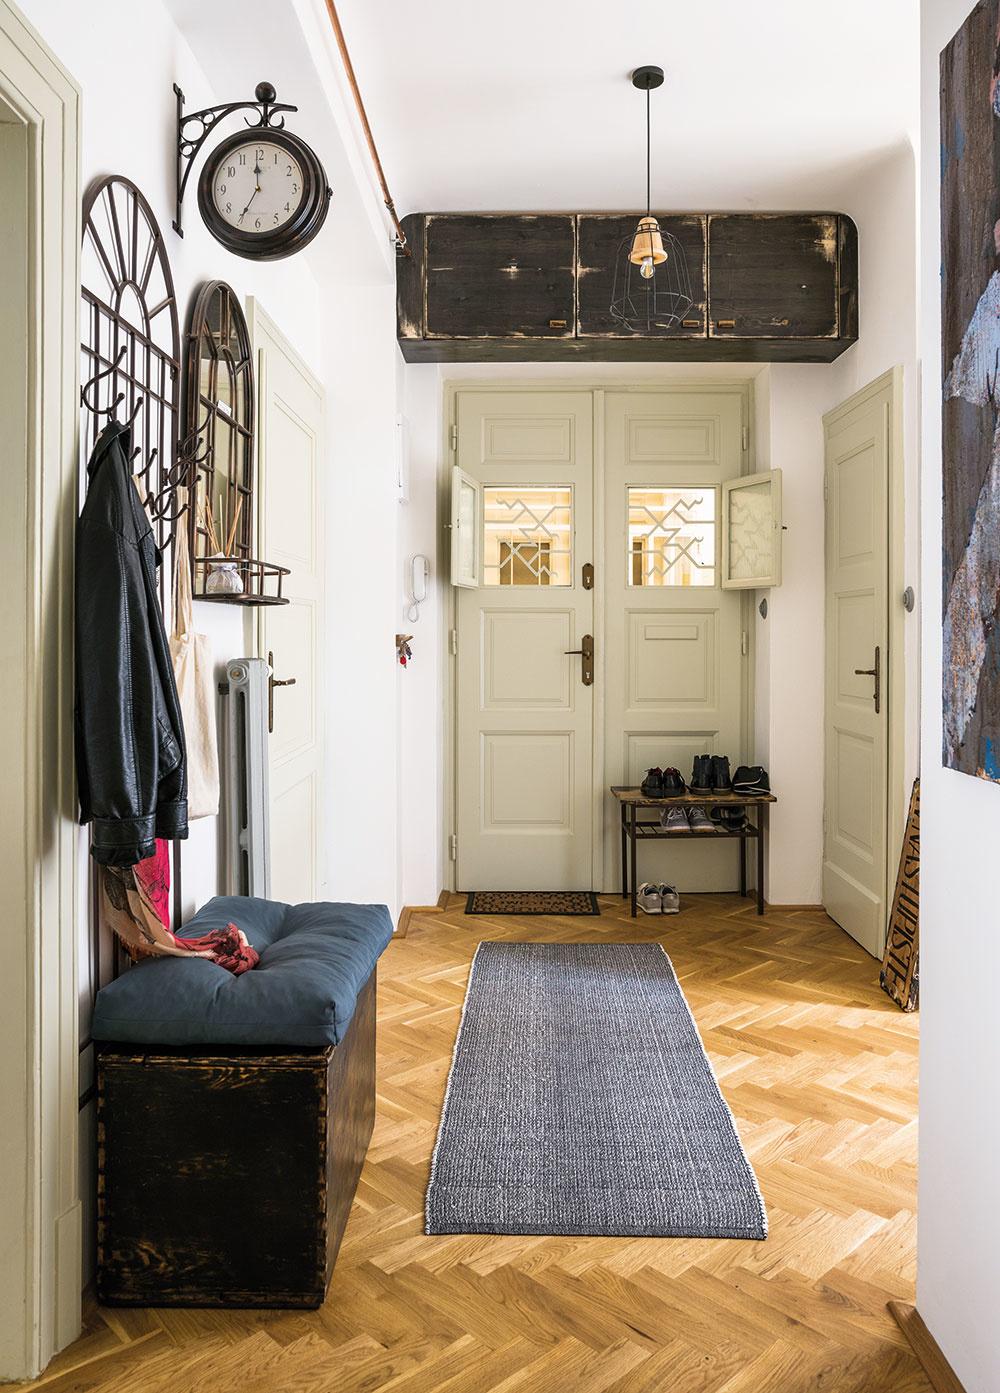 Rekonštrukcia storočného bytu trvala takmer deväť mesiacov – svoj čas si vyžiadali nová podlaha, obnova drevených prvkov či nové rozvody, dlho trvali aj hľadanie aúprava vhodného zariadenia, pri ktorom sa Miriama snažila väčšinou držať štýlu 30. a50. až 70. rokov minulého storočia.